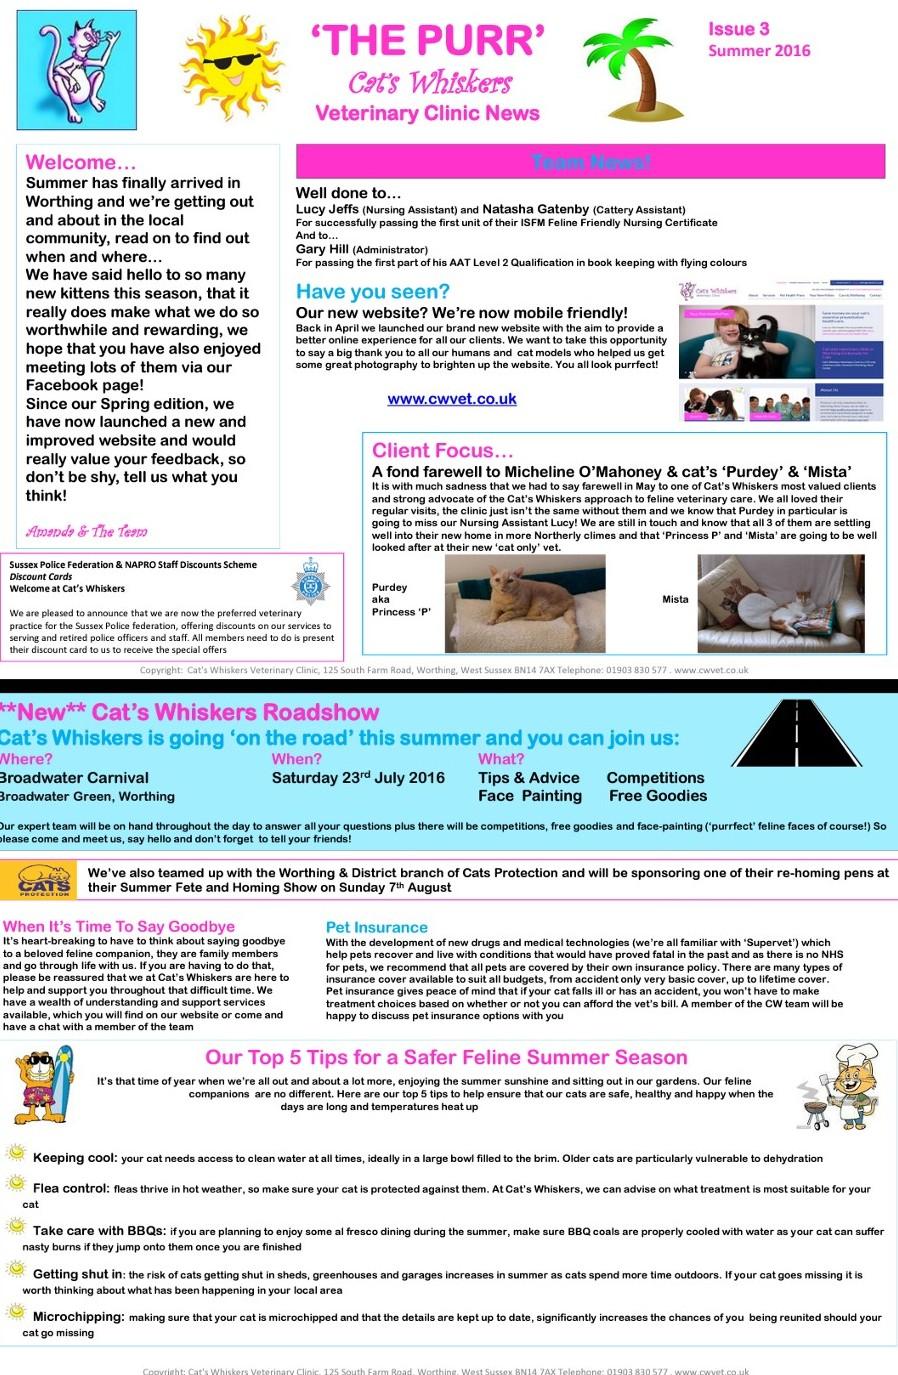 CWVET Newsletter Summer 2016 jpg